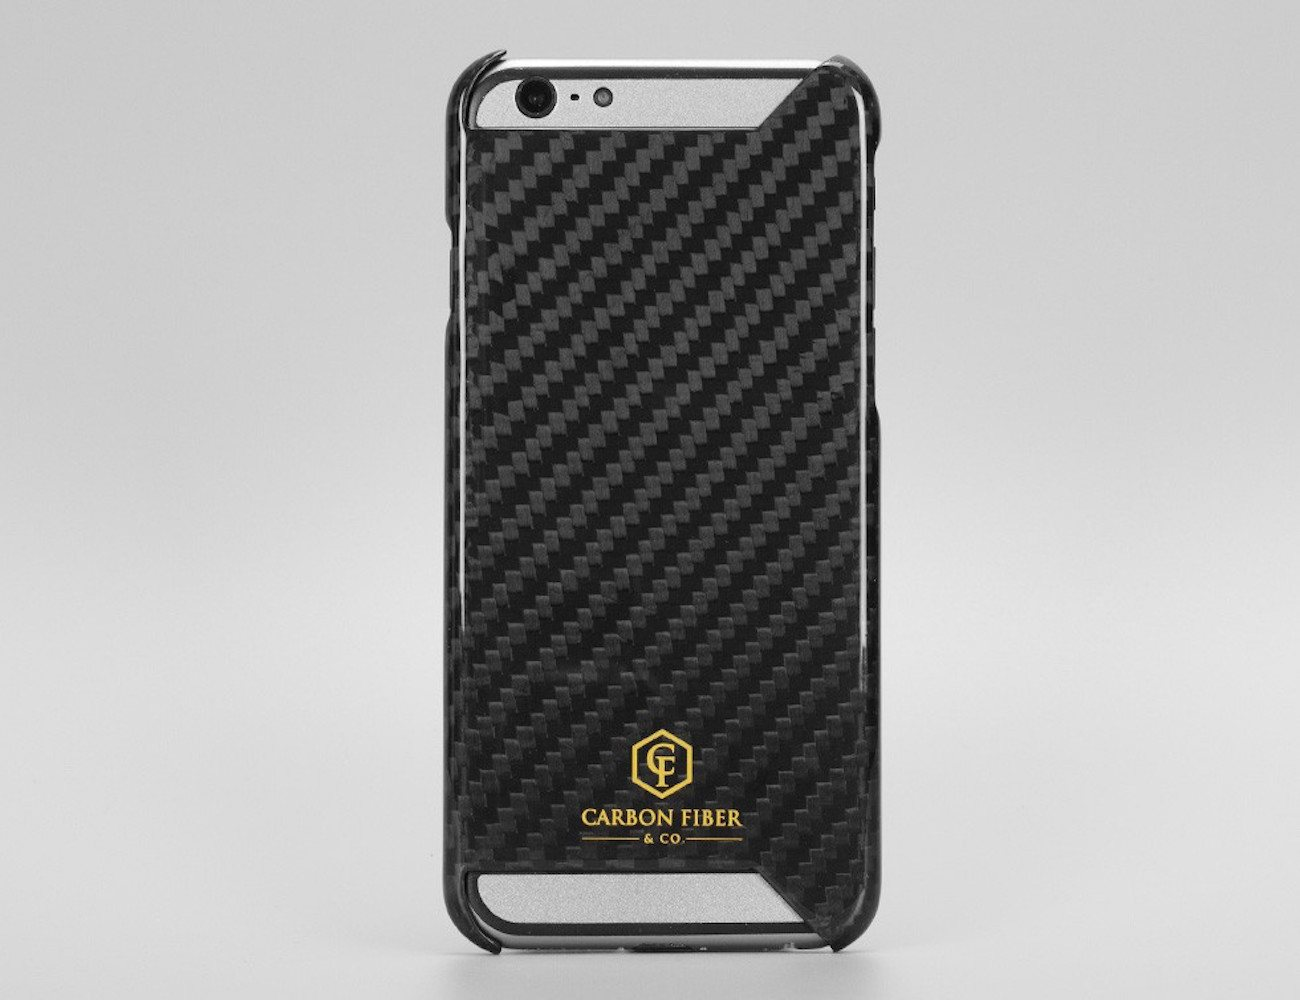 Carbon Fiber iPhone 6 Case by Carbon Fiber & Co.